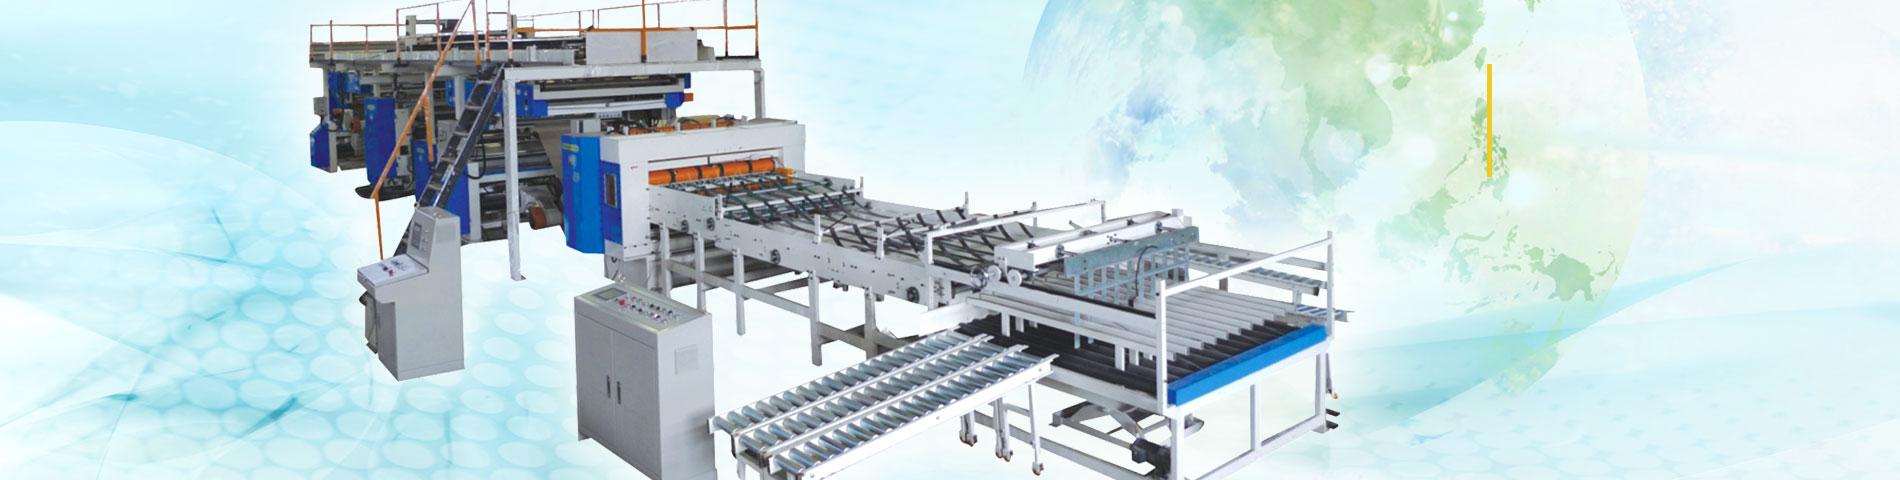 2ply  Jalur Produksi      Karton Bergelombang